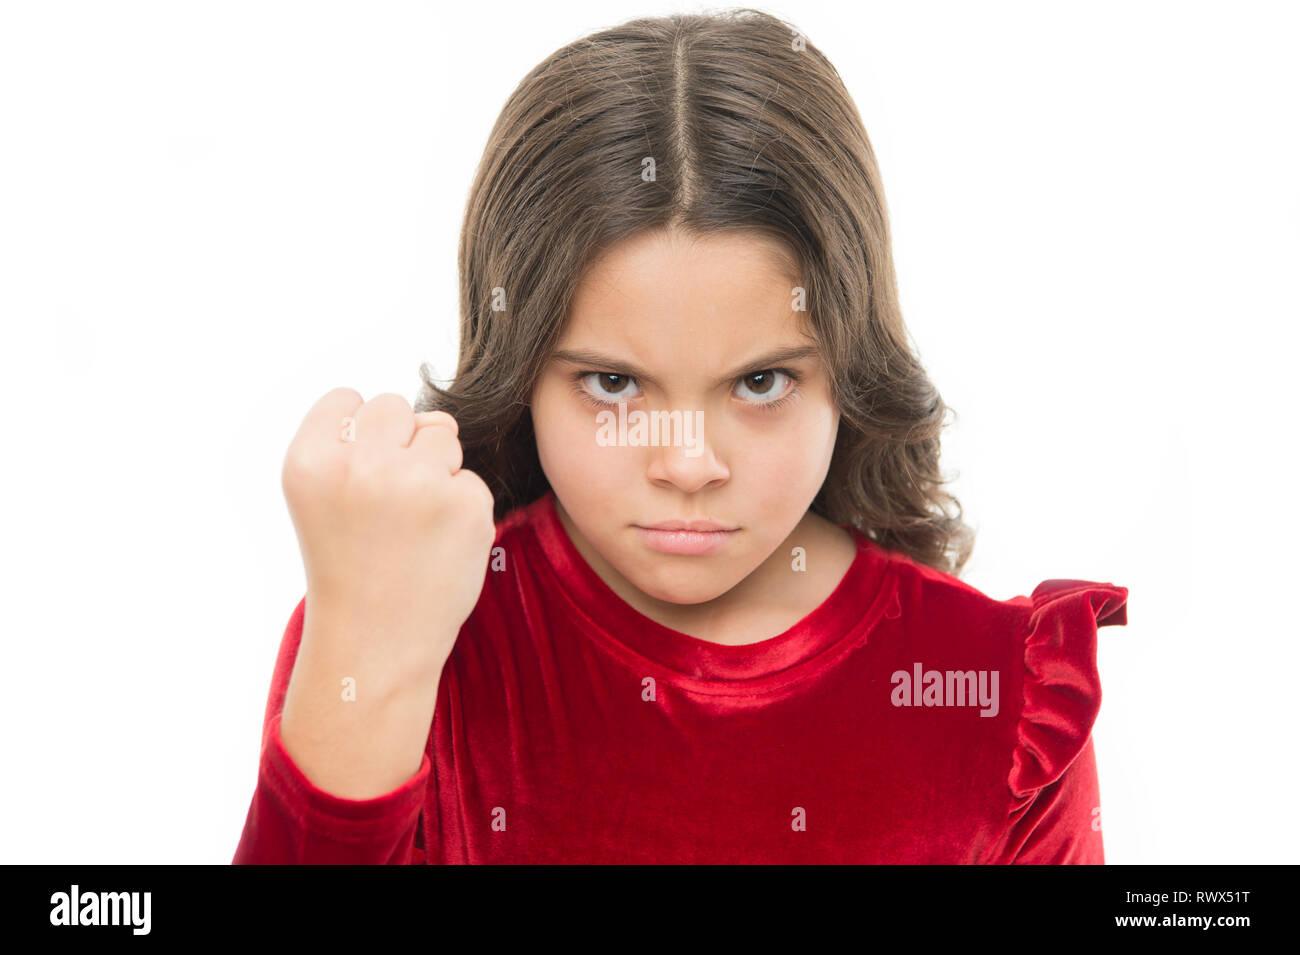 La menace de l'agression physique. Kids concept d'agression. Fille agressive menace de vous battre. Fille dangereuse. Vous êtes averti. Kid fille menaçant avec fist isolé sur blanc. Strong temper. Photo Stock